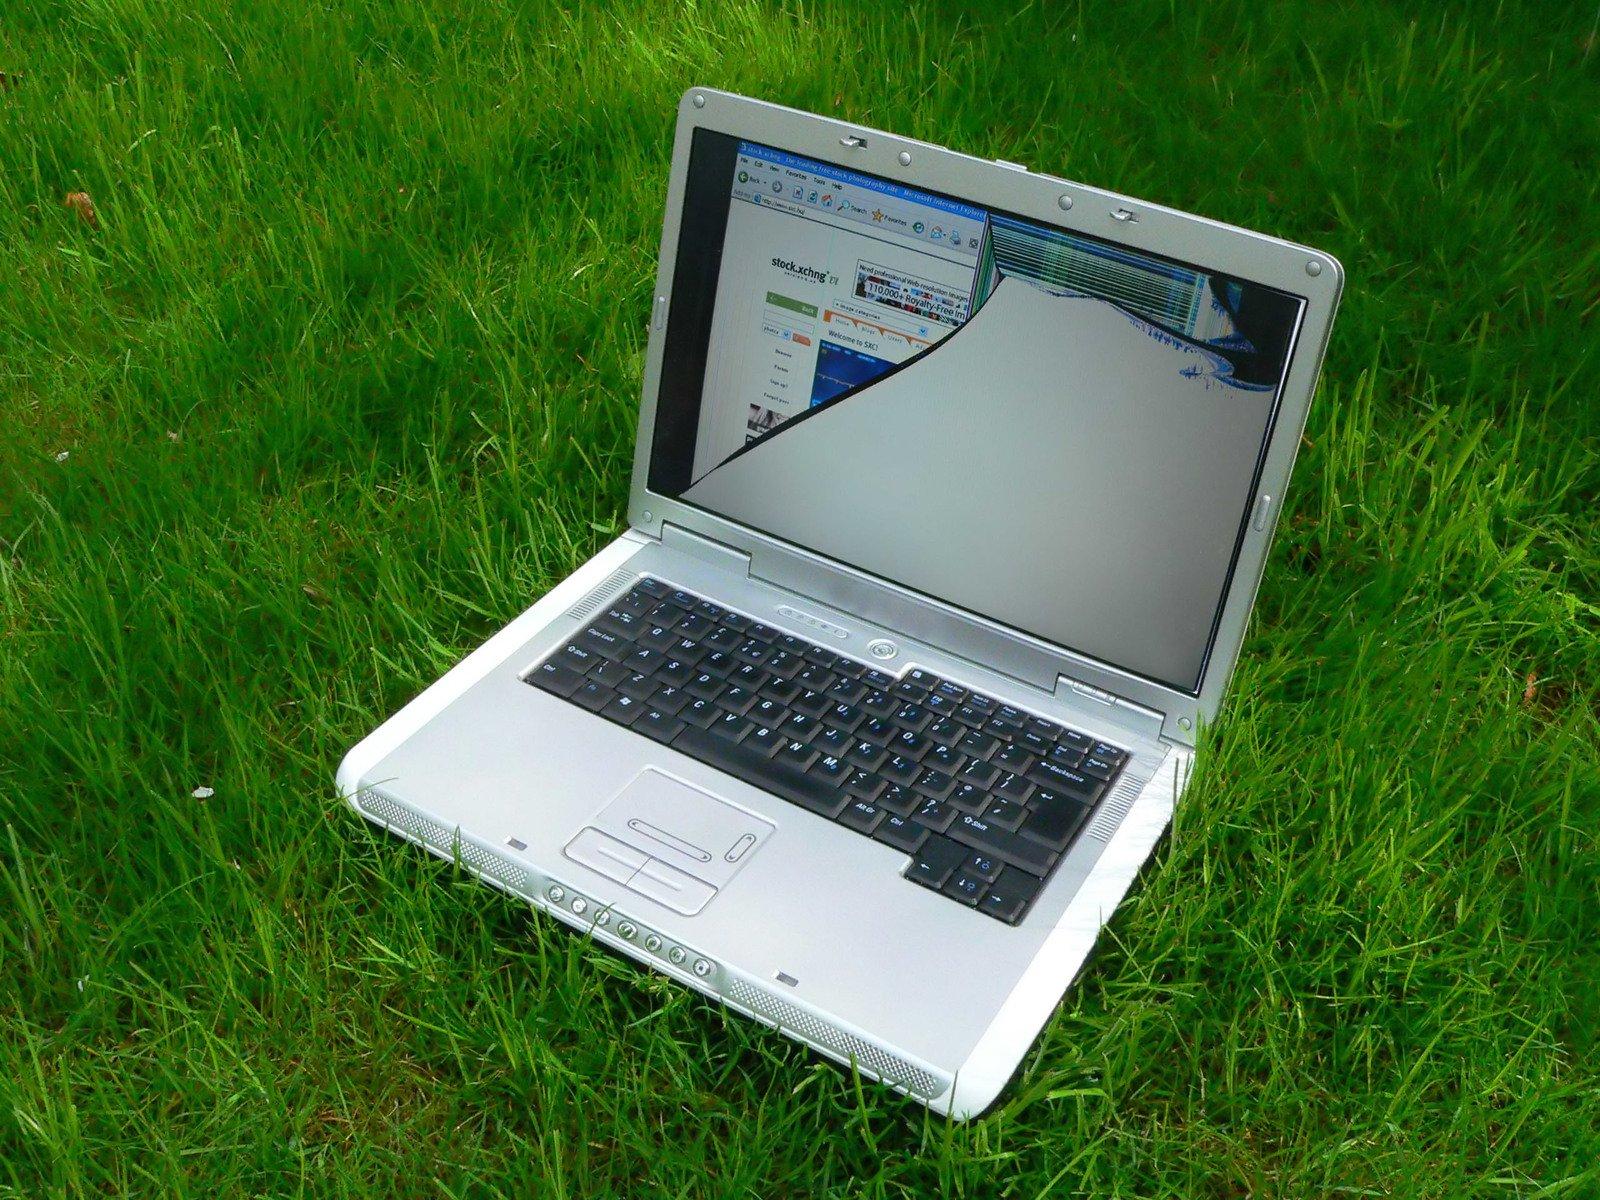 Computer portatile, Notebook, Lcd, rotto, schermo, rotto, rotto, rotto, schermo, demolito, Computer, telelavoratore, disastro, lavoro, male, giorno